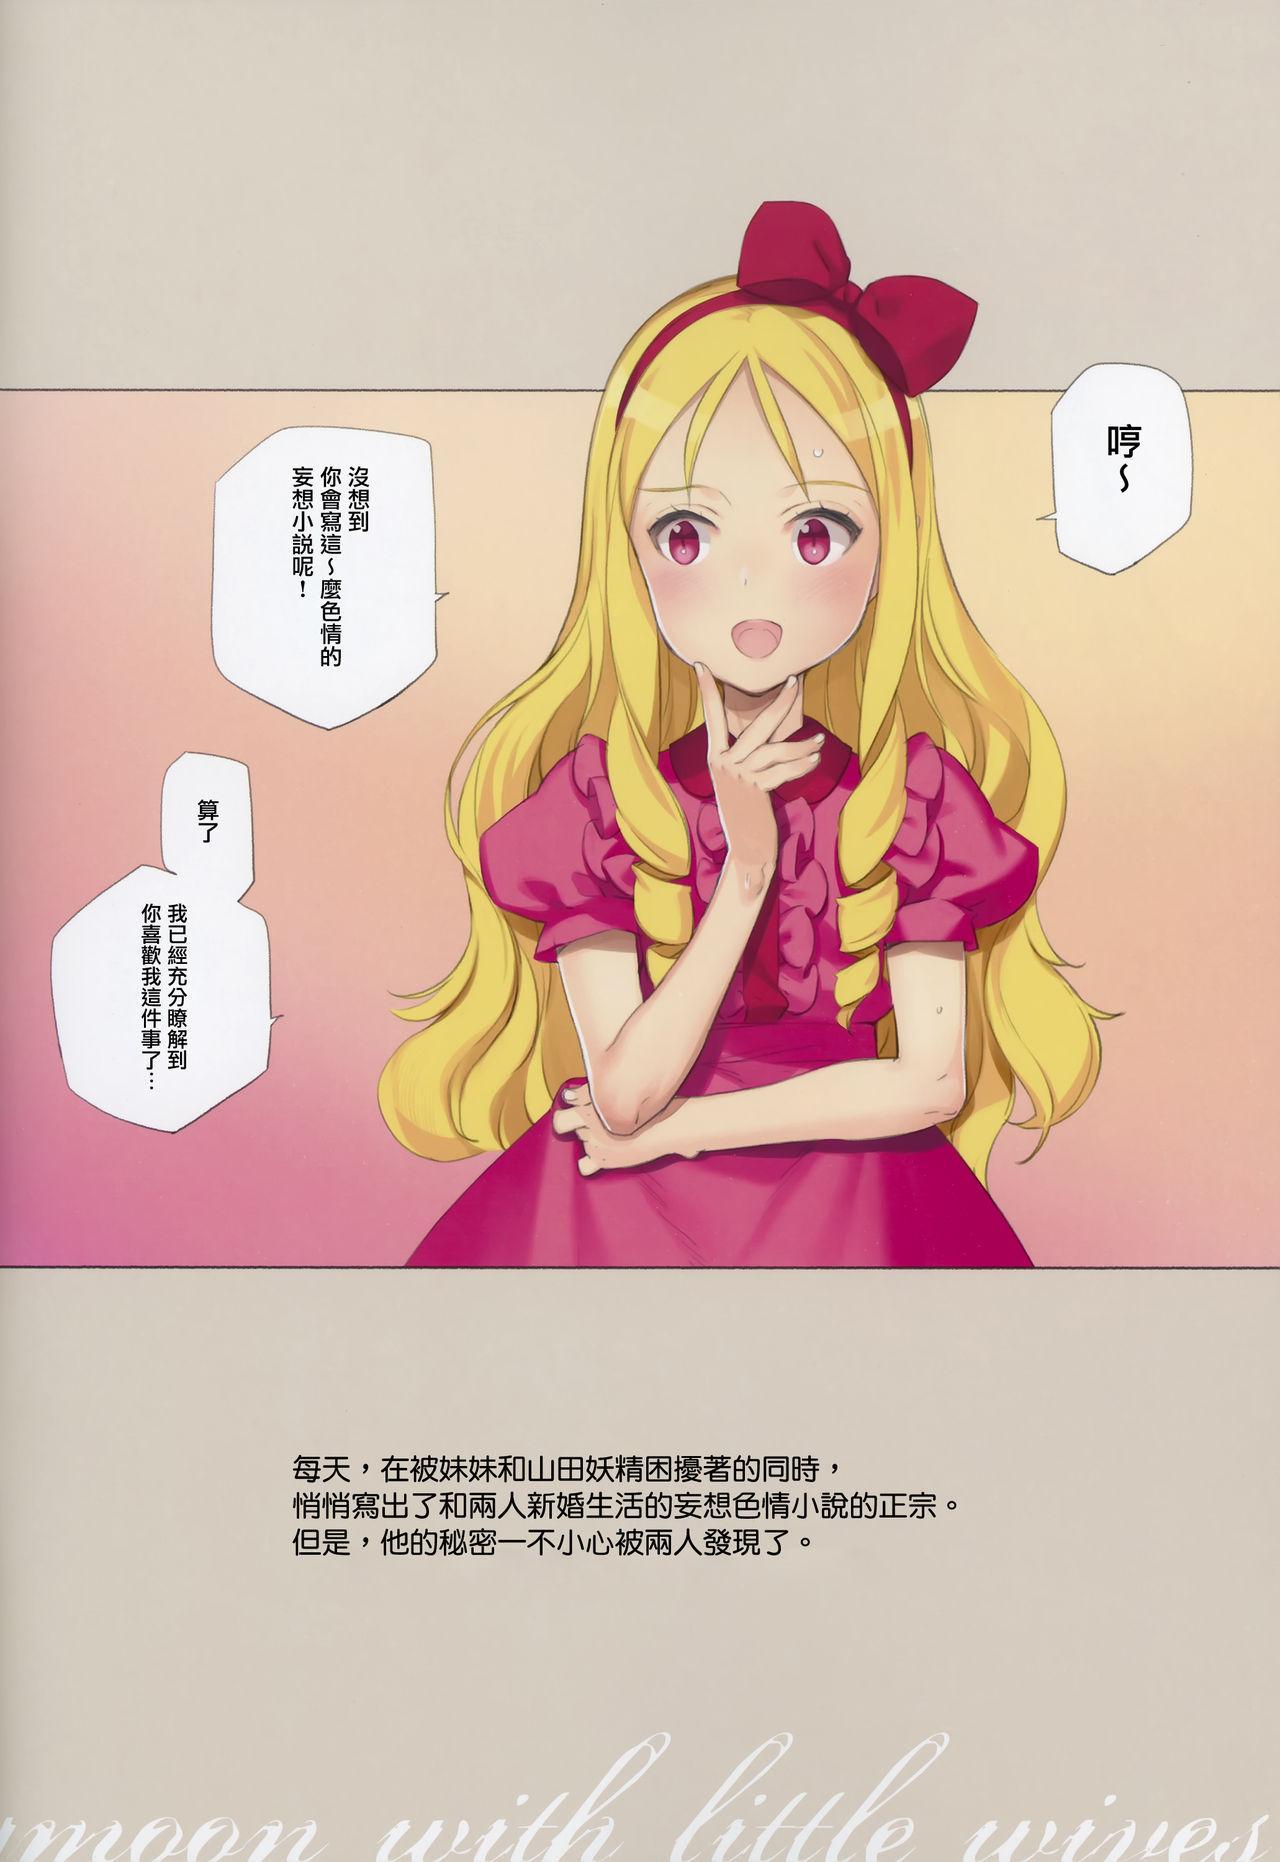 Mitsugetsu no Osanazuma - Honeymoon with little wives 1